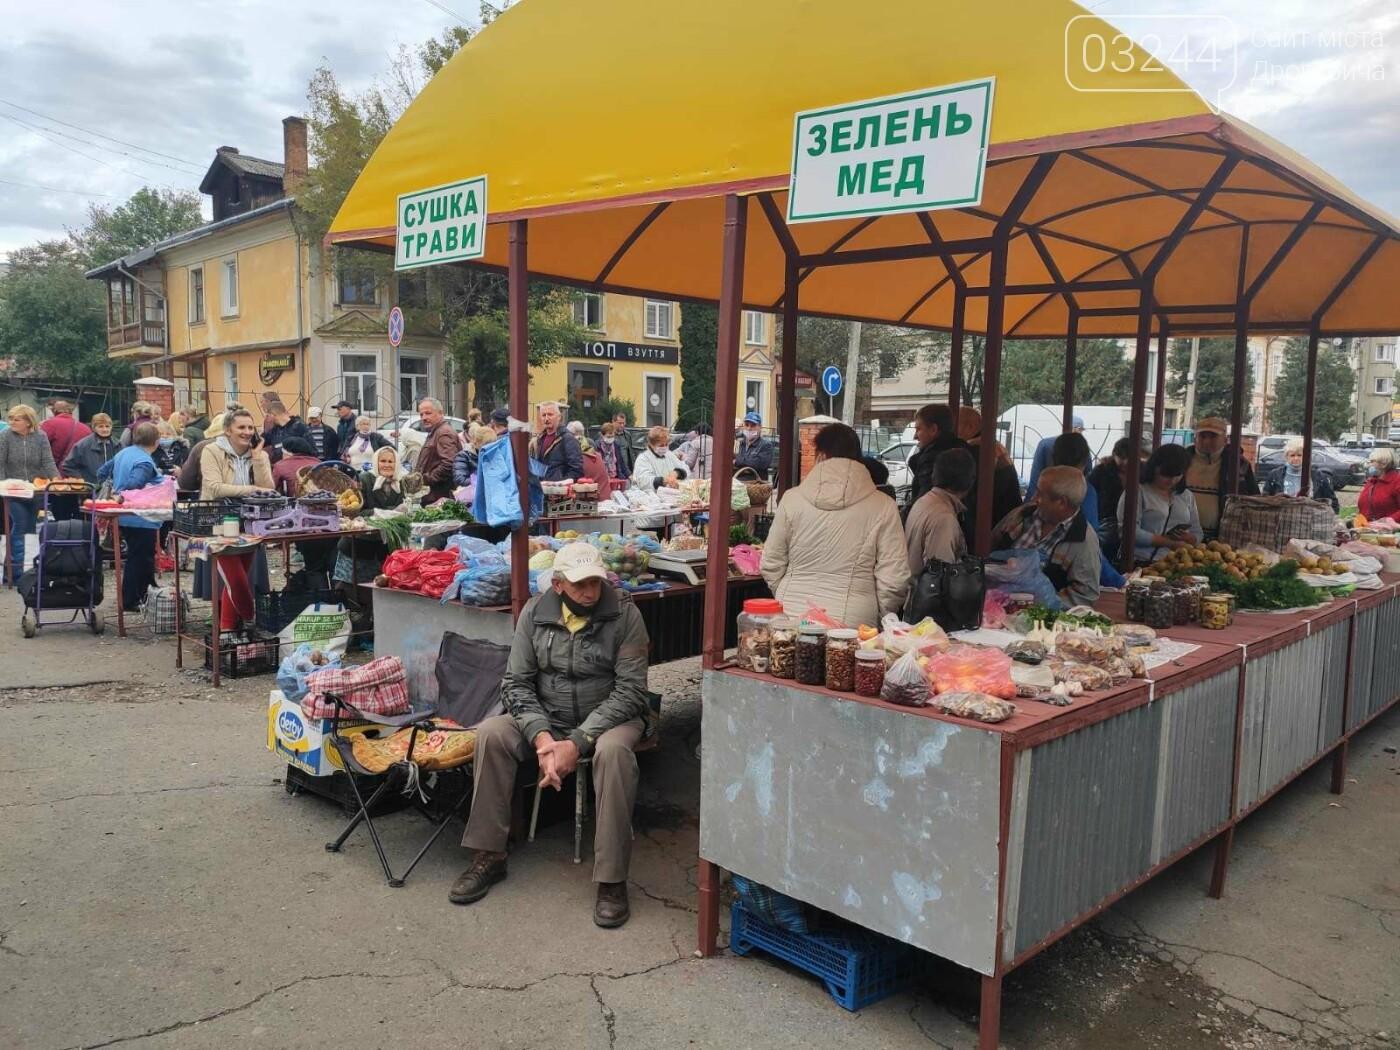 У Дрогобичі зрушення - стихійні торговці із Ковальської перейшли на новооблаштований ринок, - ФОТОРЕПОРТАЖ, фото-6